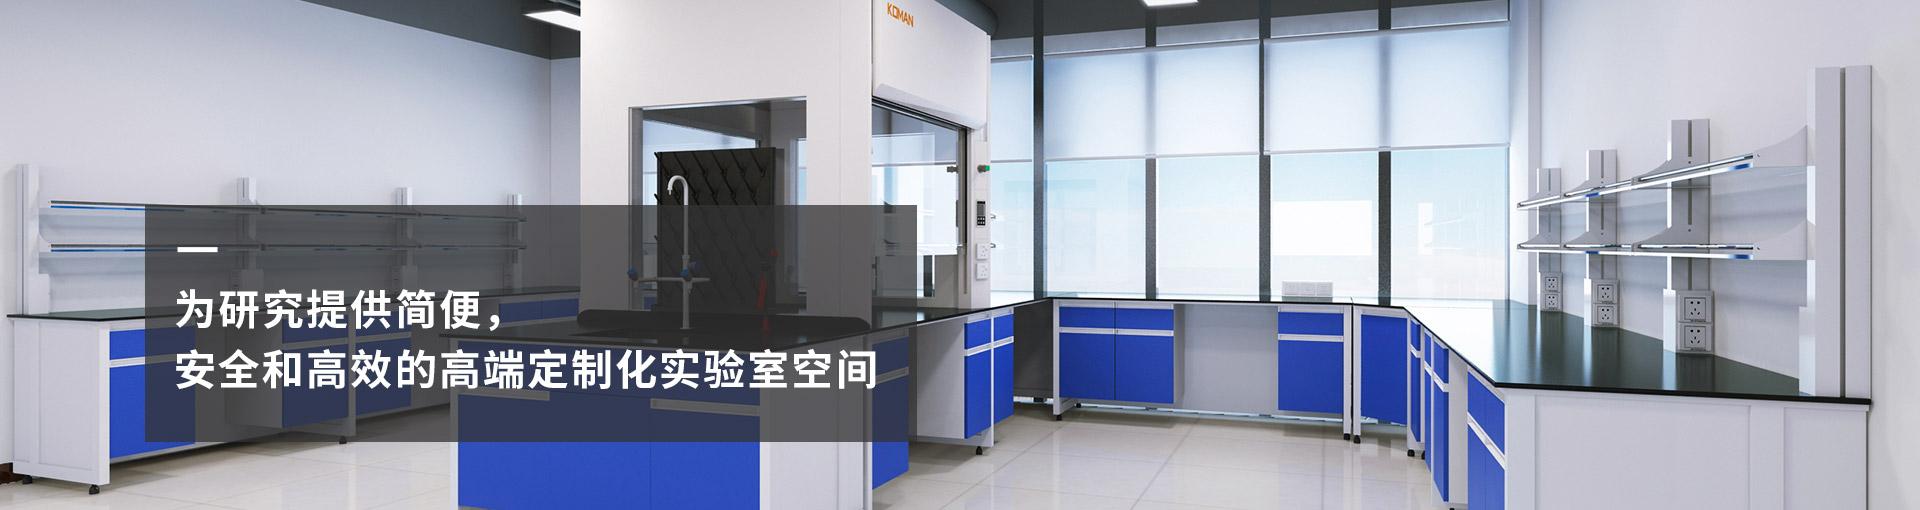 实验室实验台/实验室通风柜/实验室家具